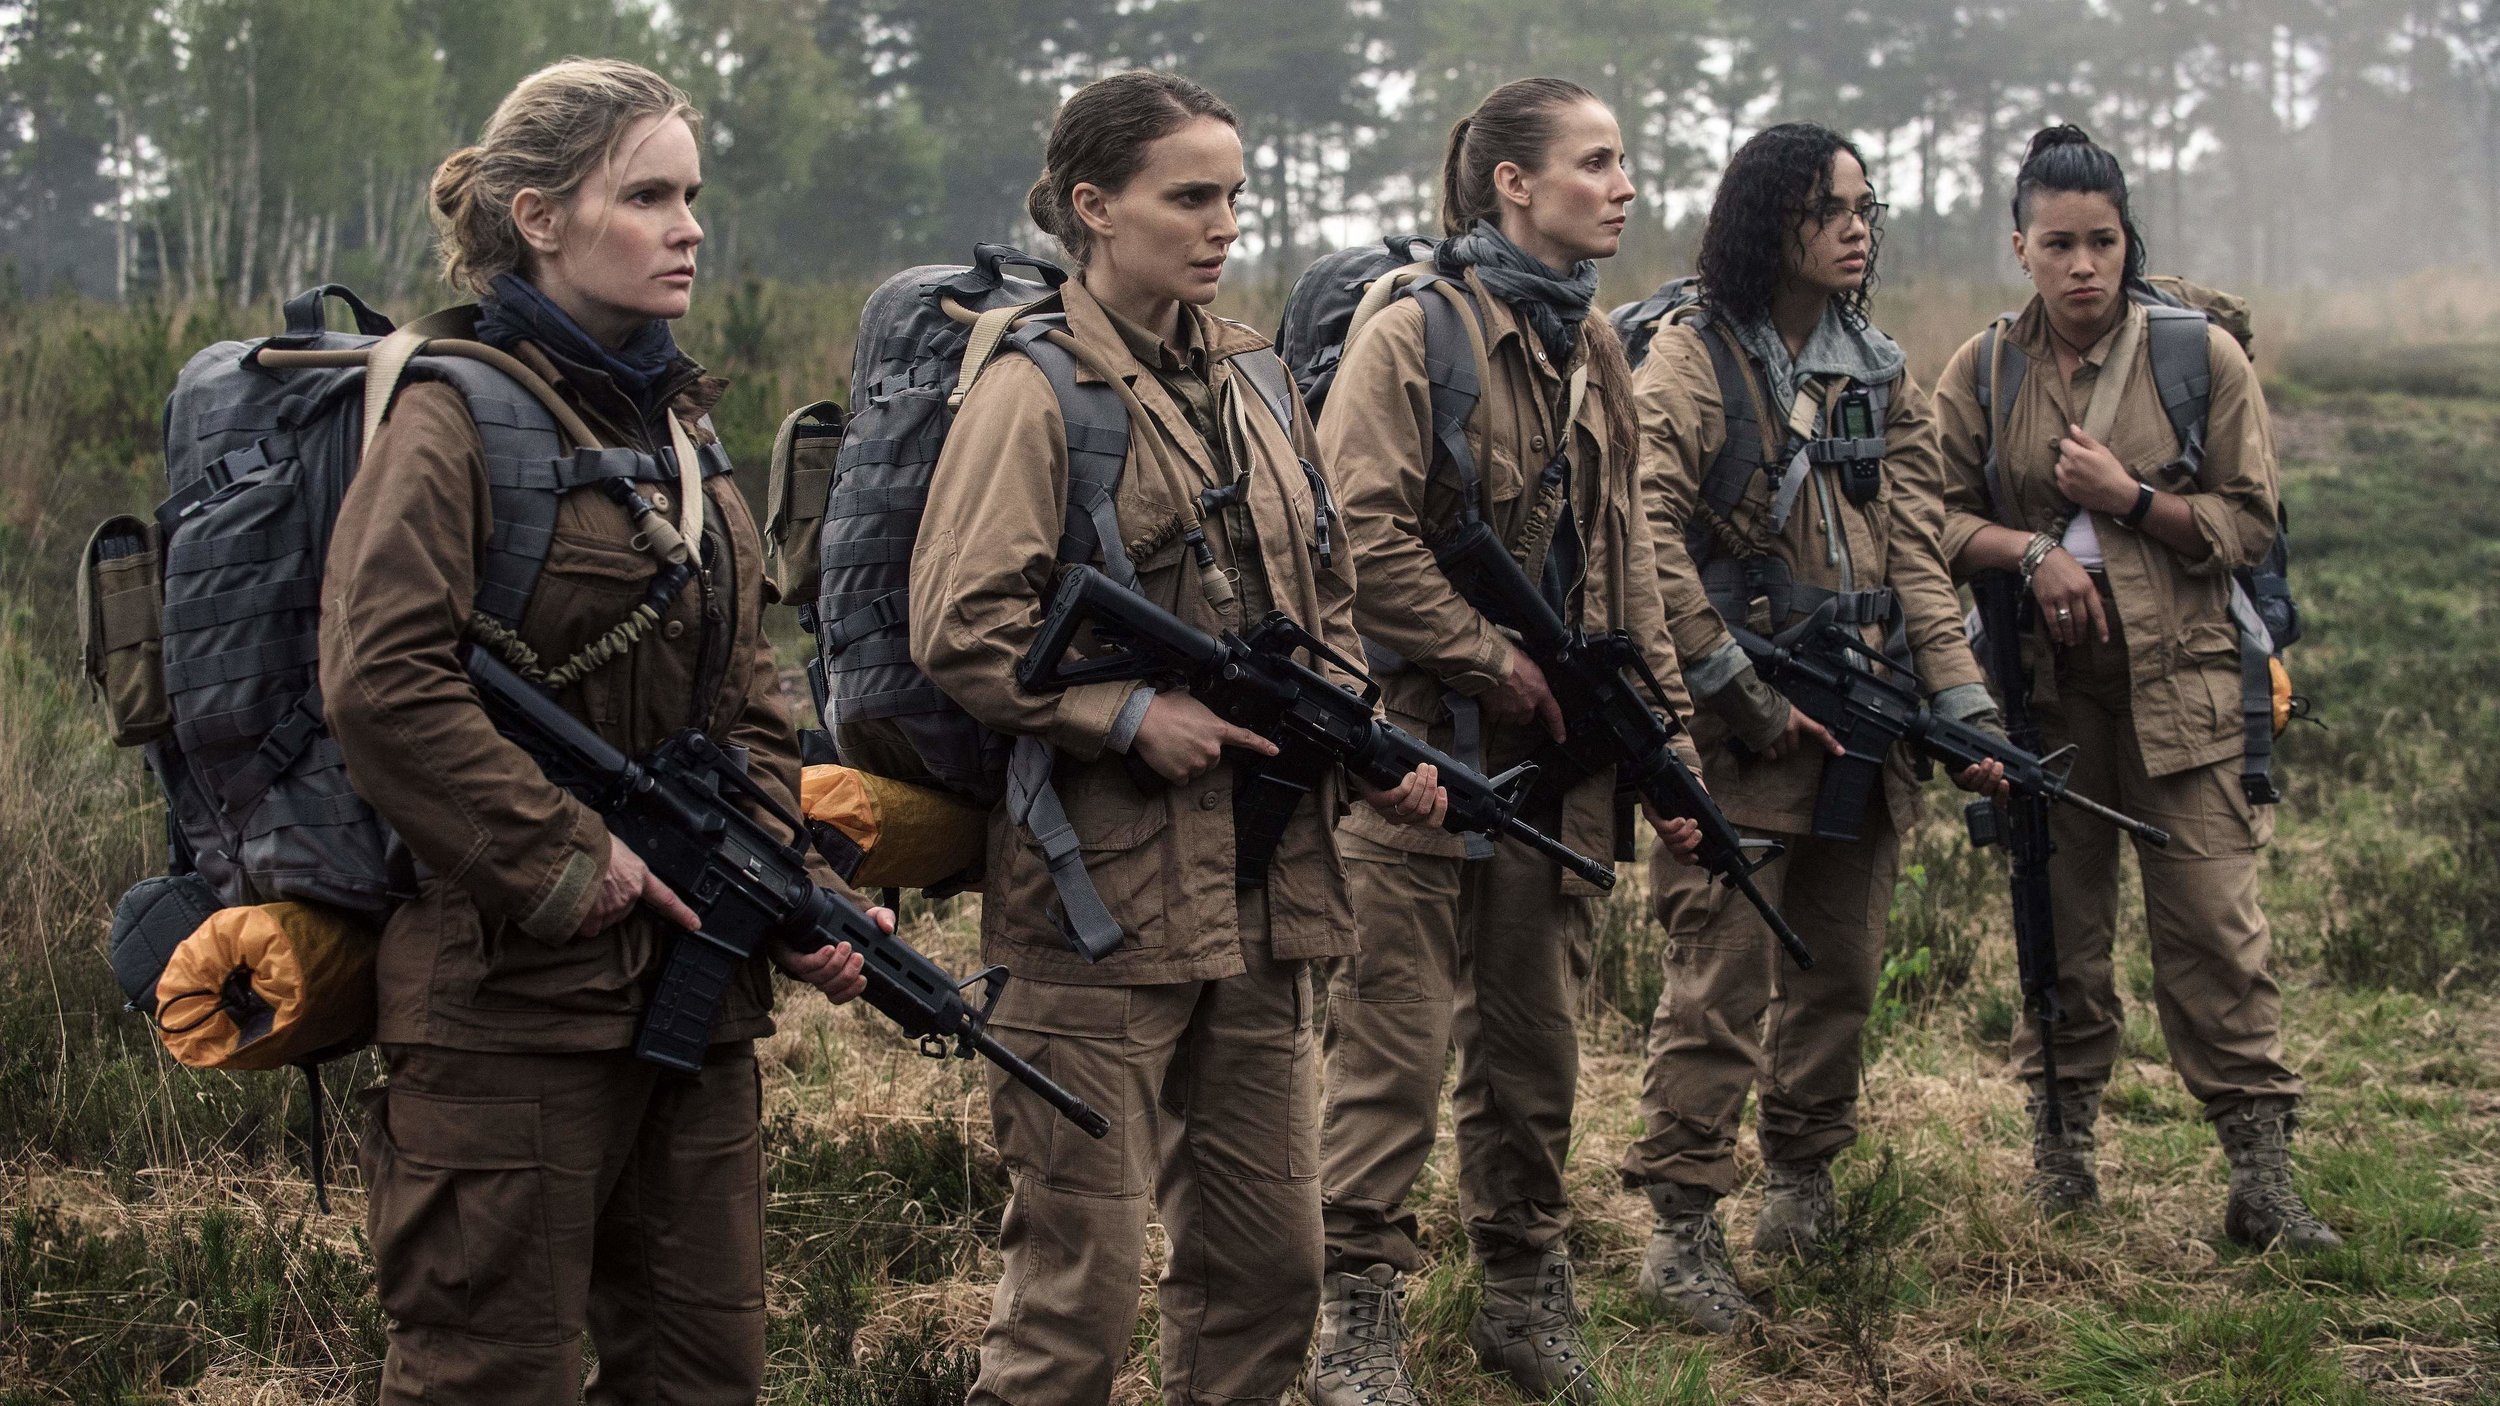 """Ekipa wyruszająca w nieznane składa się w całości z kobiet, ale nie ma to tak dużego znaczenia, kiedy postacie dostają tak niewiele charakteru, jak w przeciętnym """"potwór zabija ludzi jedno po drugim""""."""